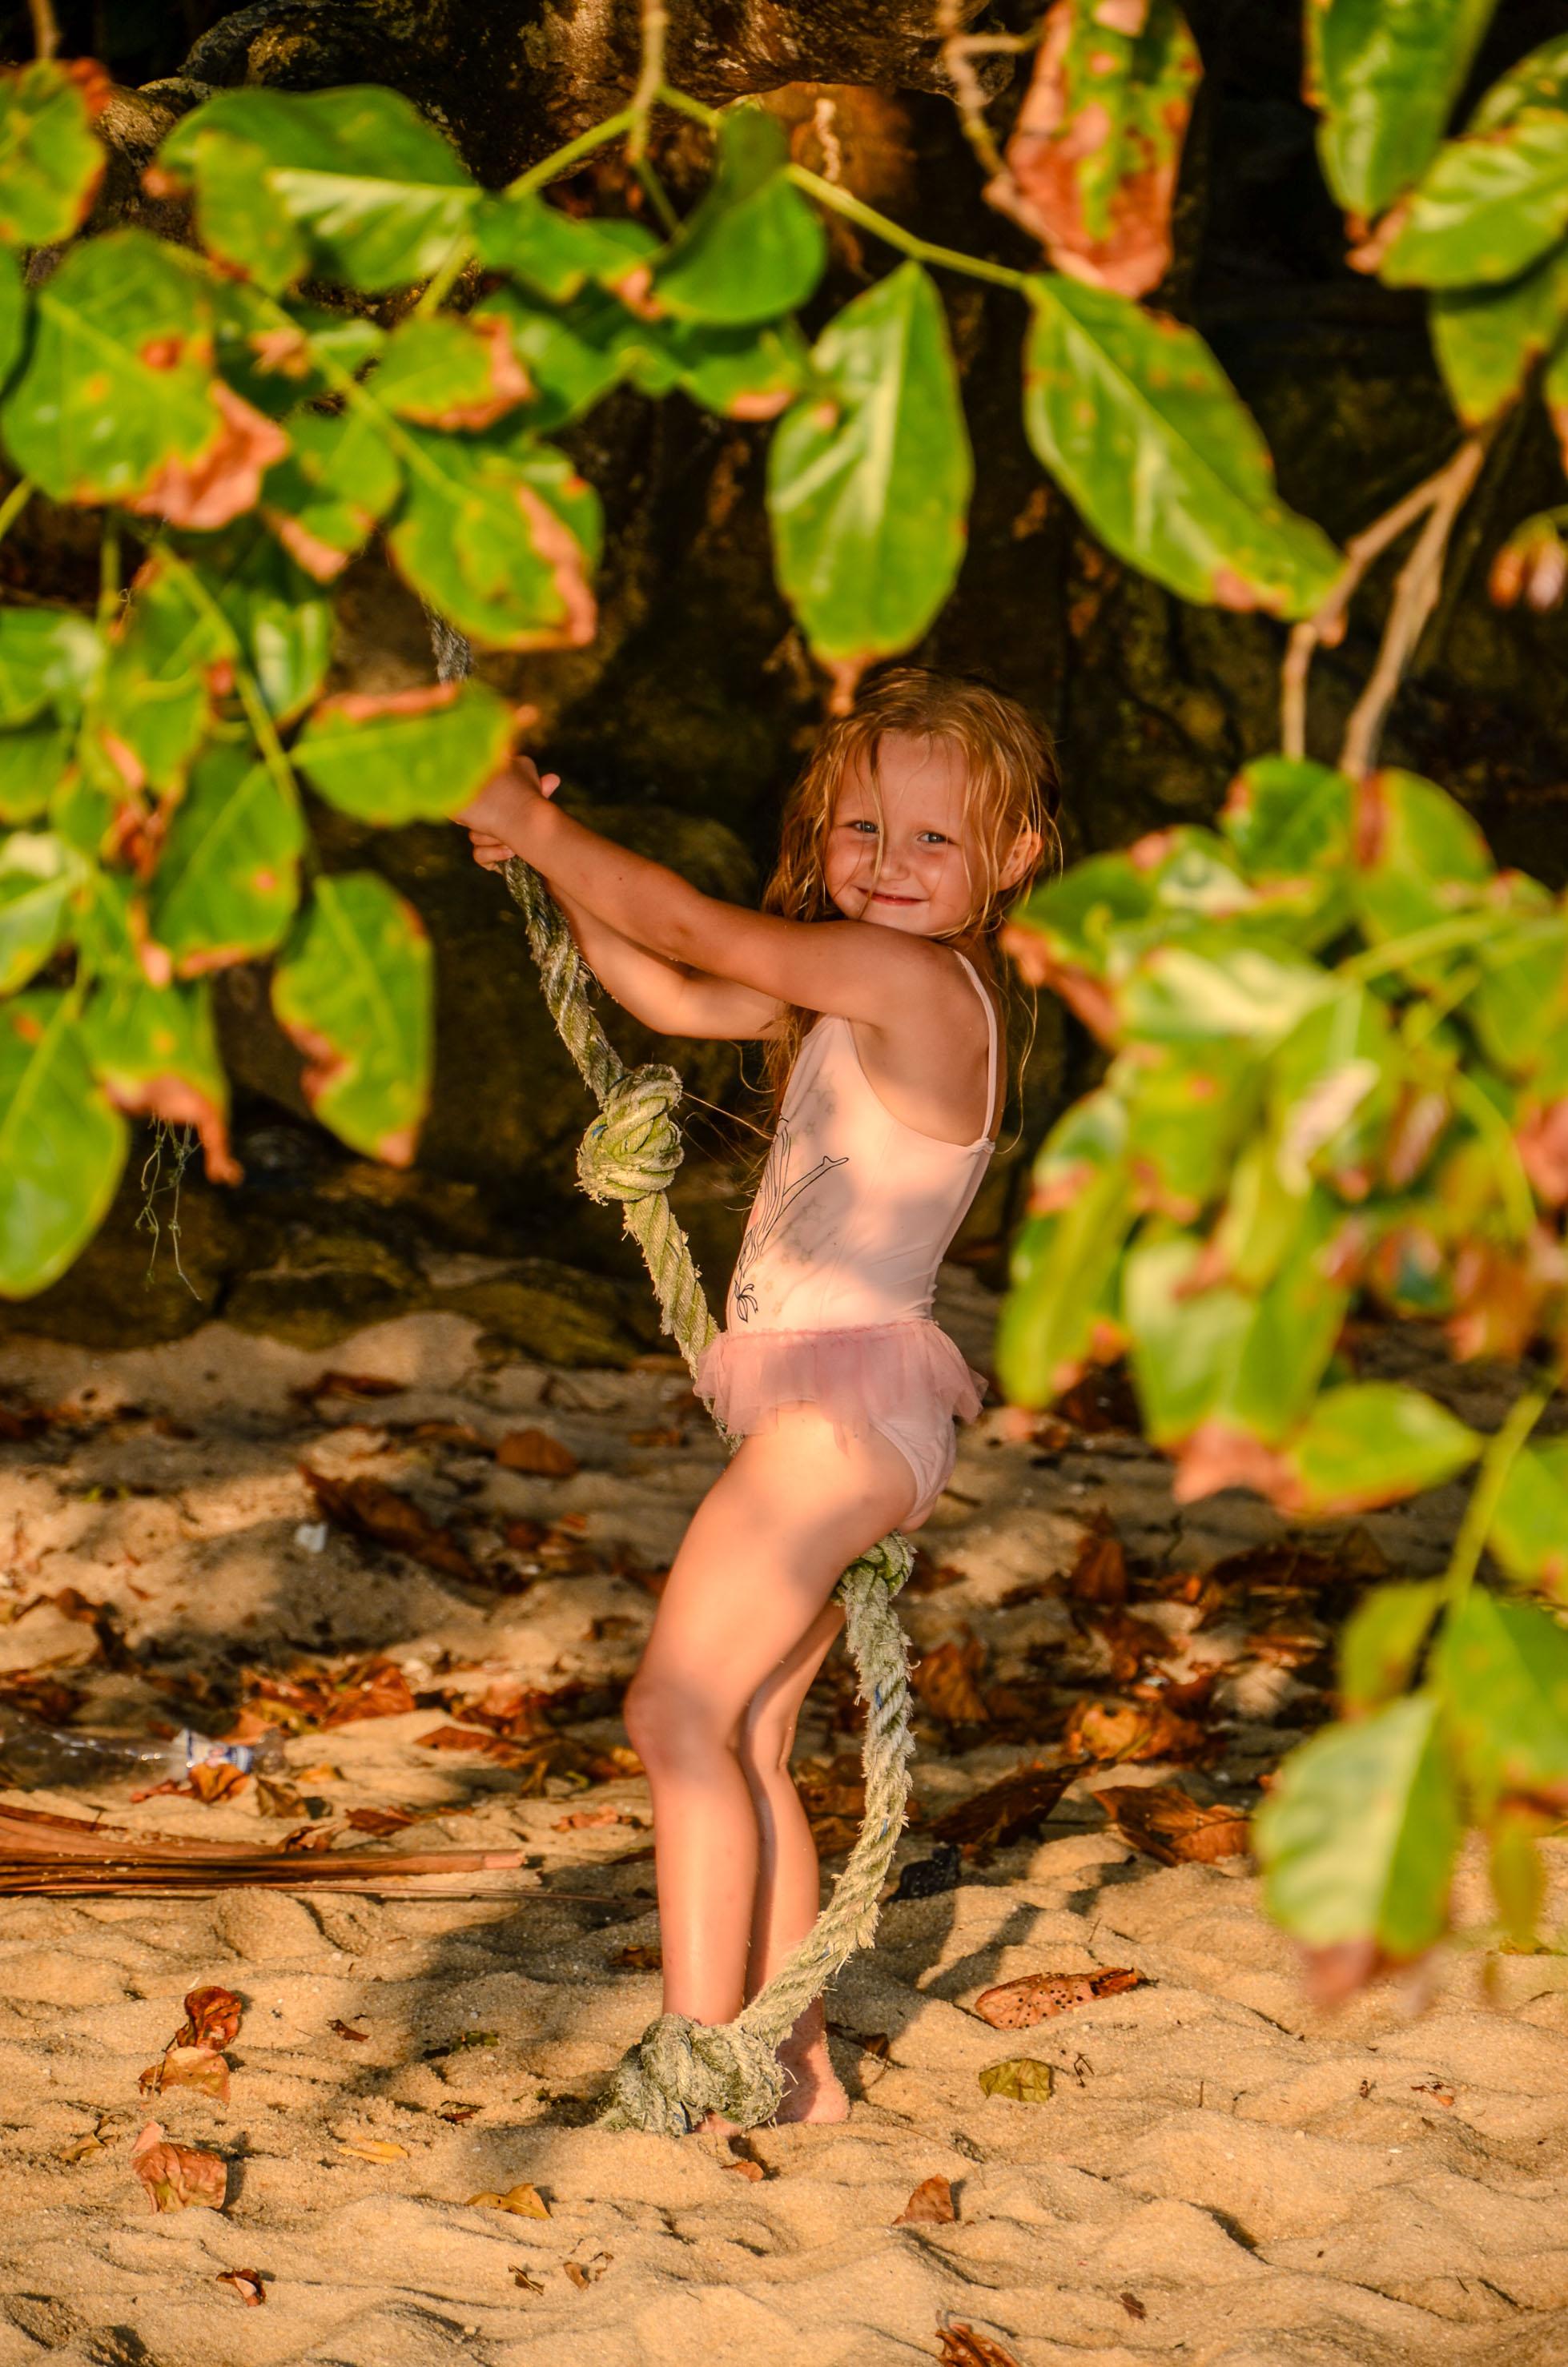 W zagajniku można udawać Tarzana. Penang, Malezja.